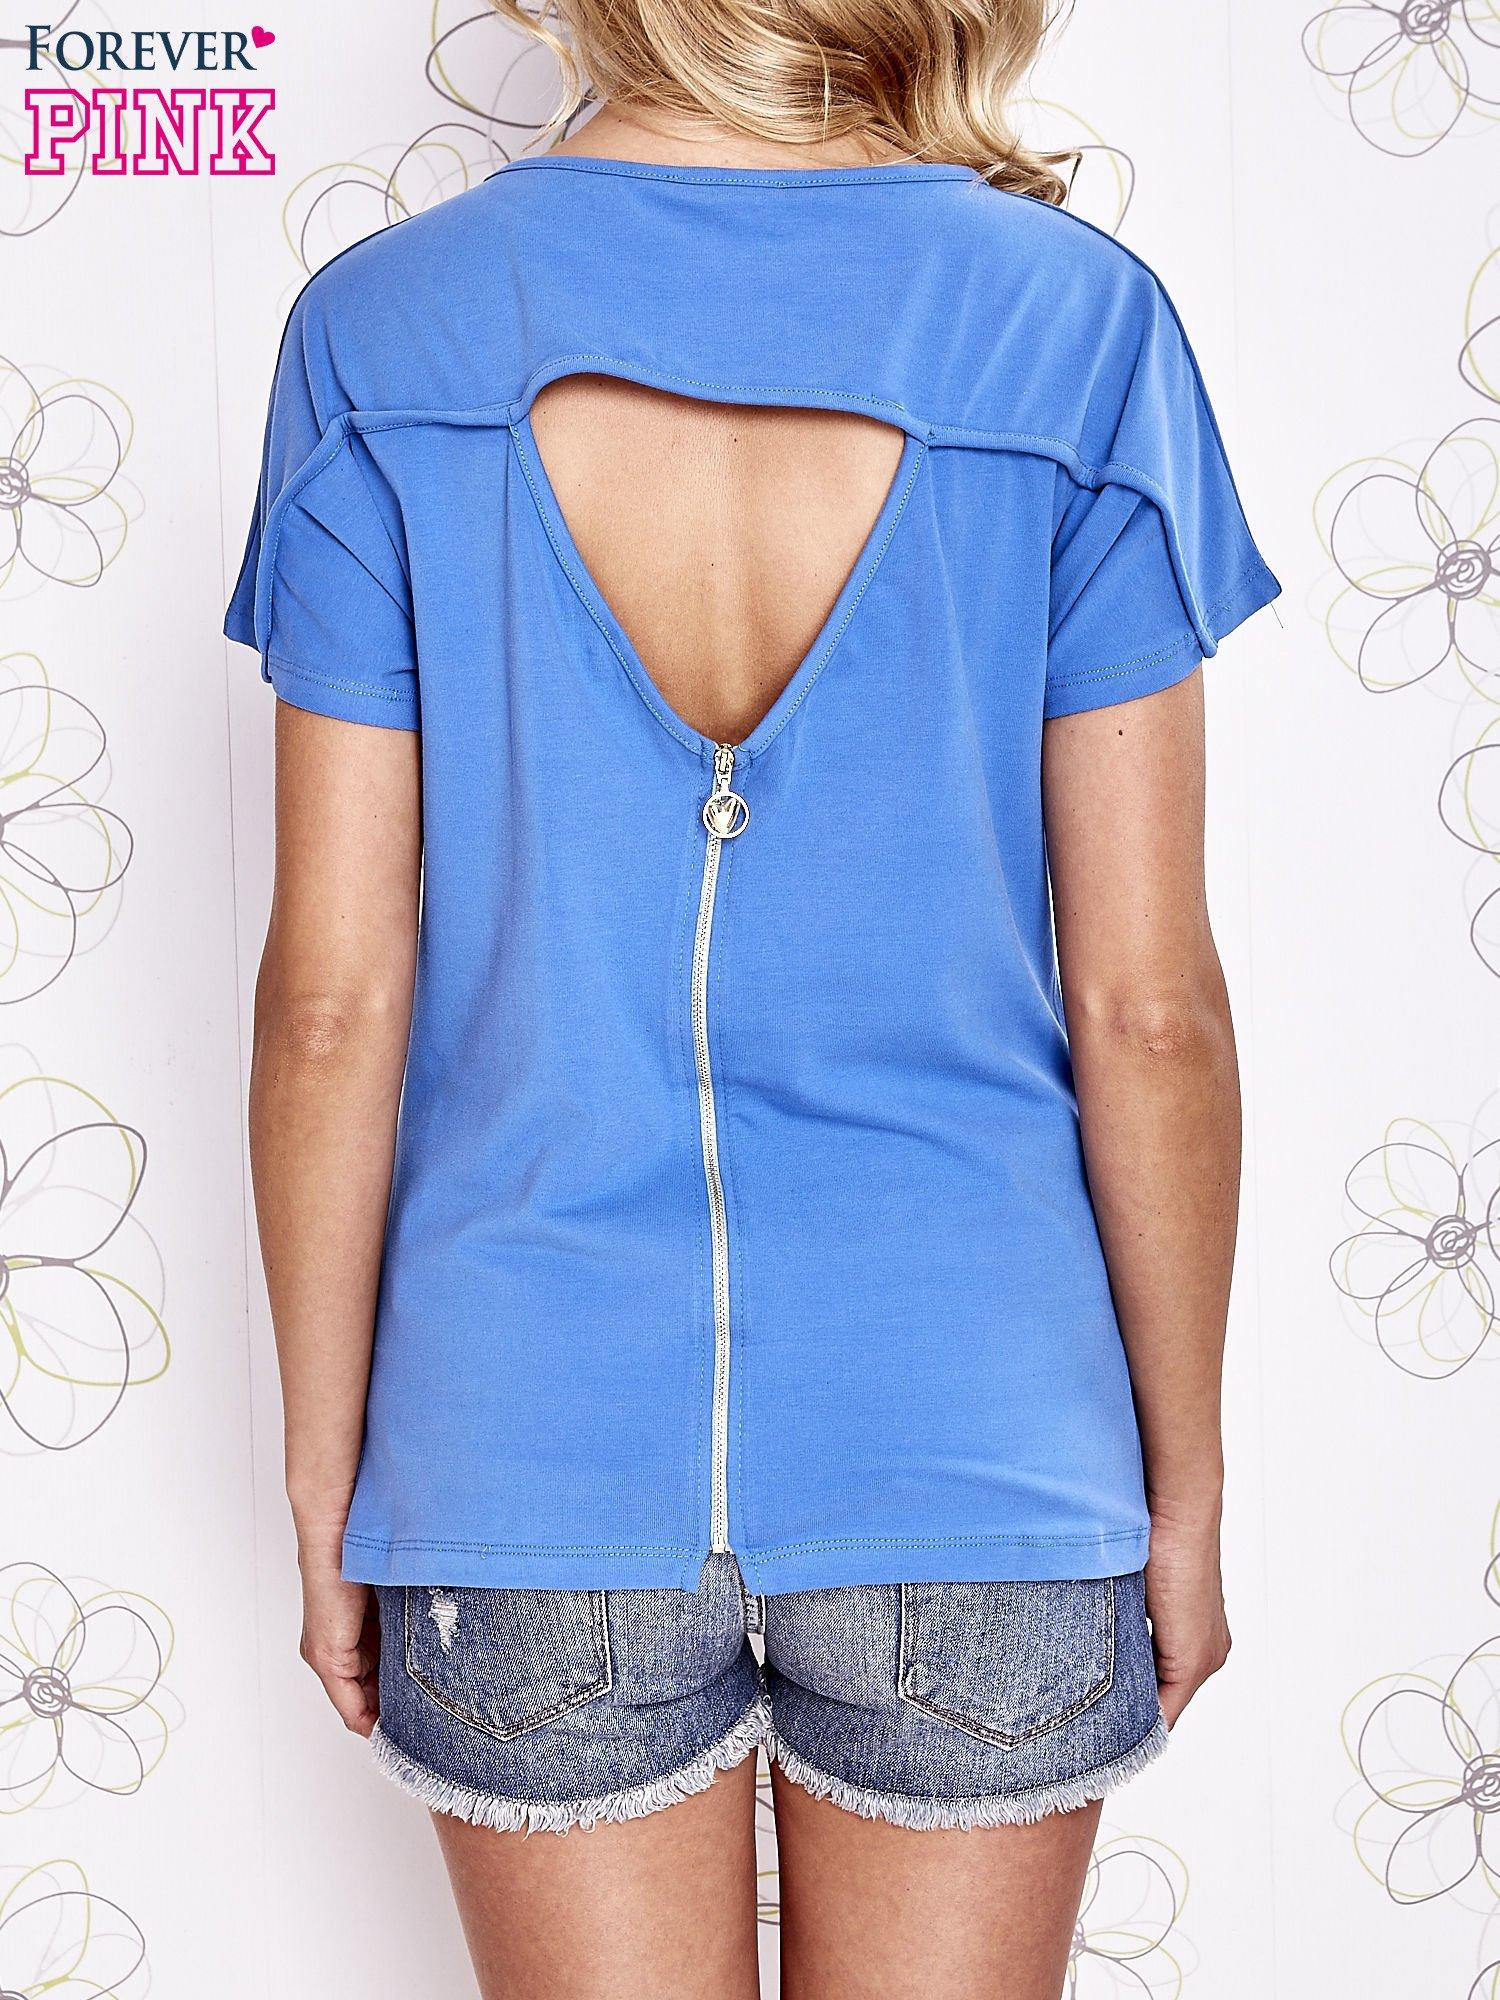 Niebieski t-shirt z napisem i trójkątnym wycięciem na plecach                                  zdj.                                  2